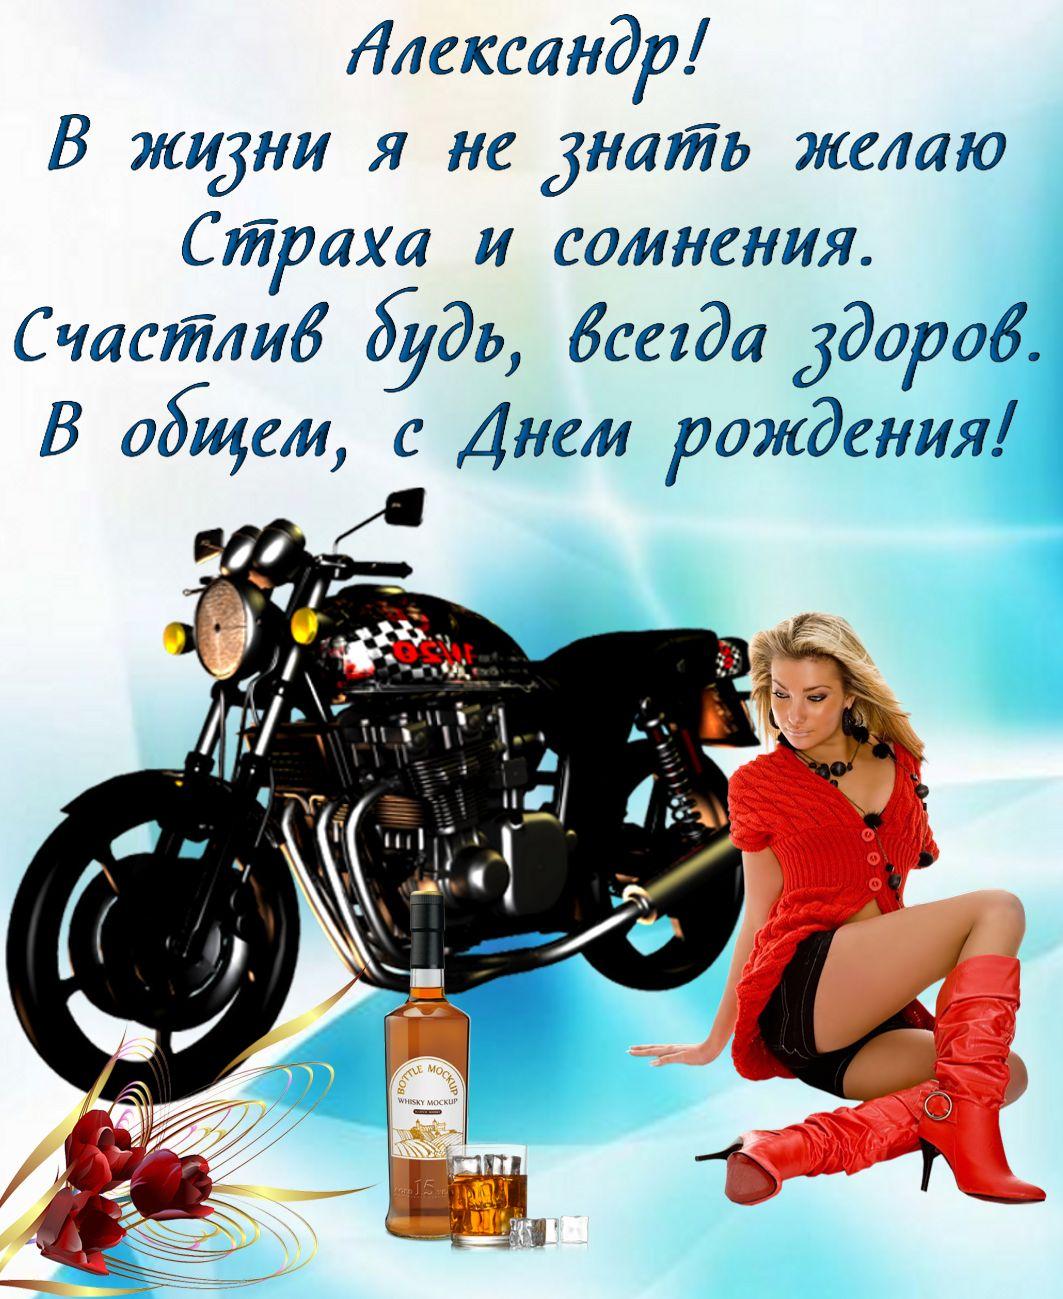 Открытка на День рождения - девушка в красном возле мотоцикла